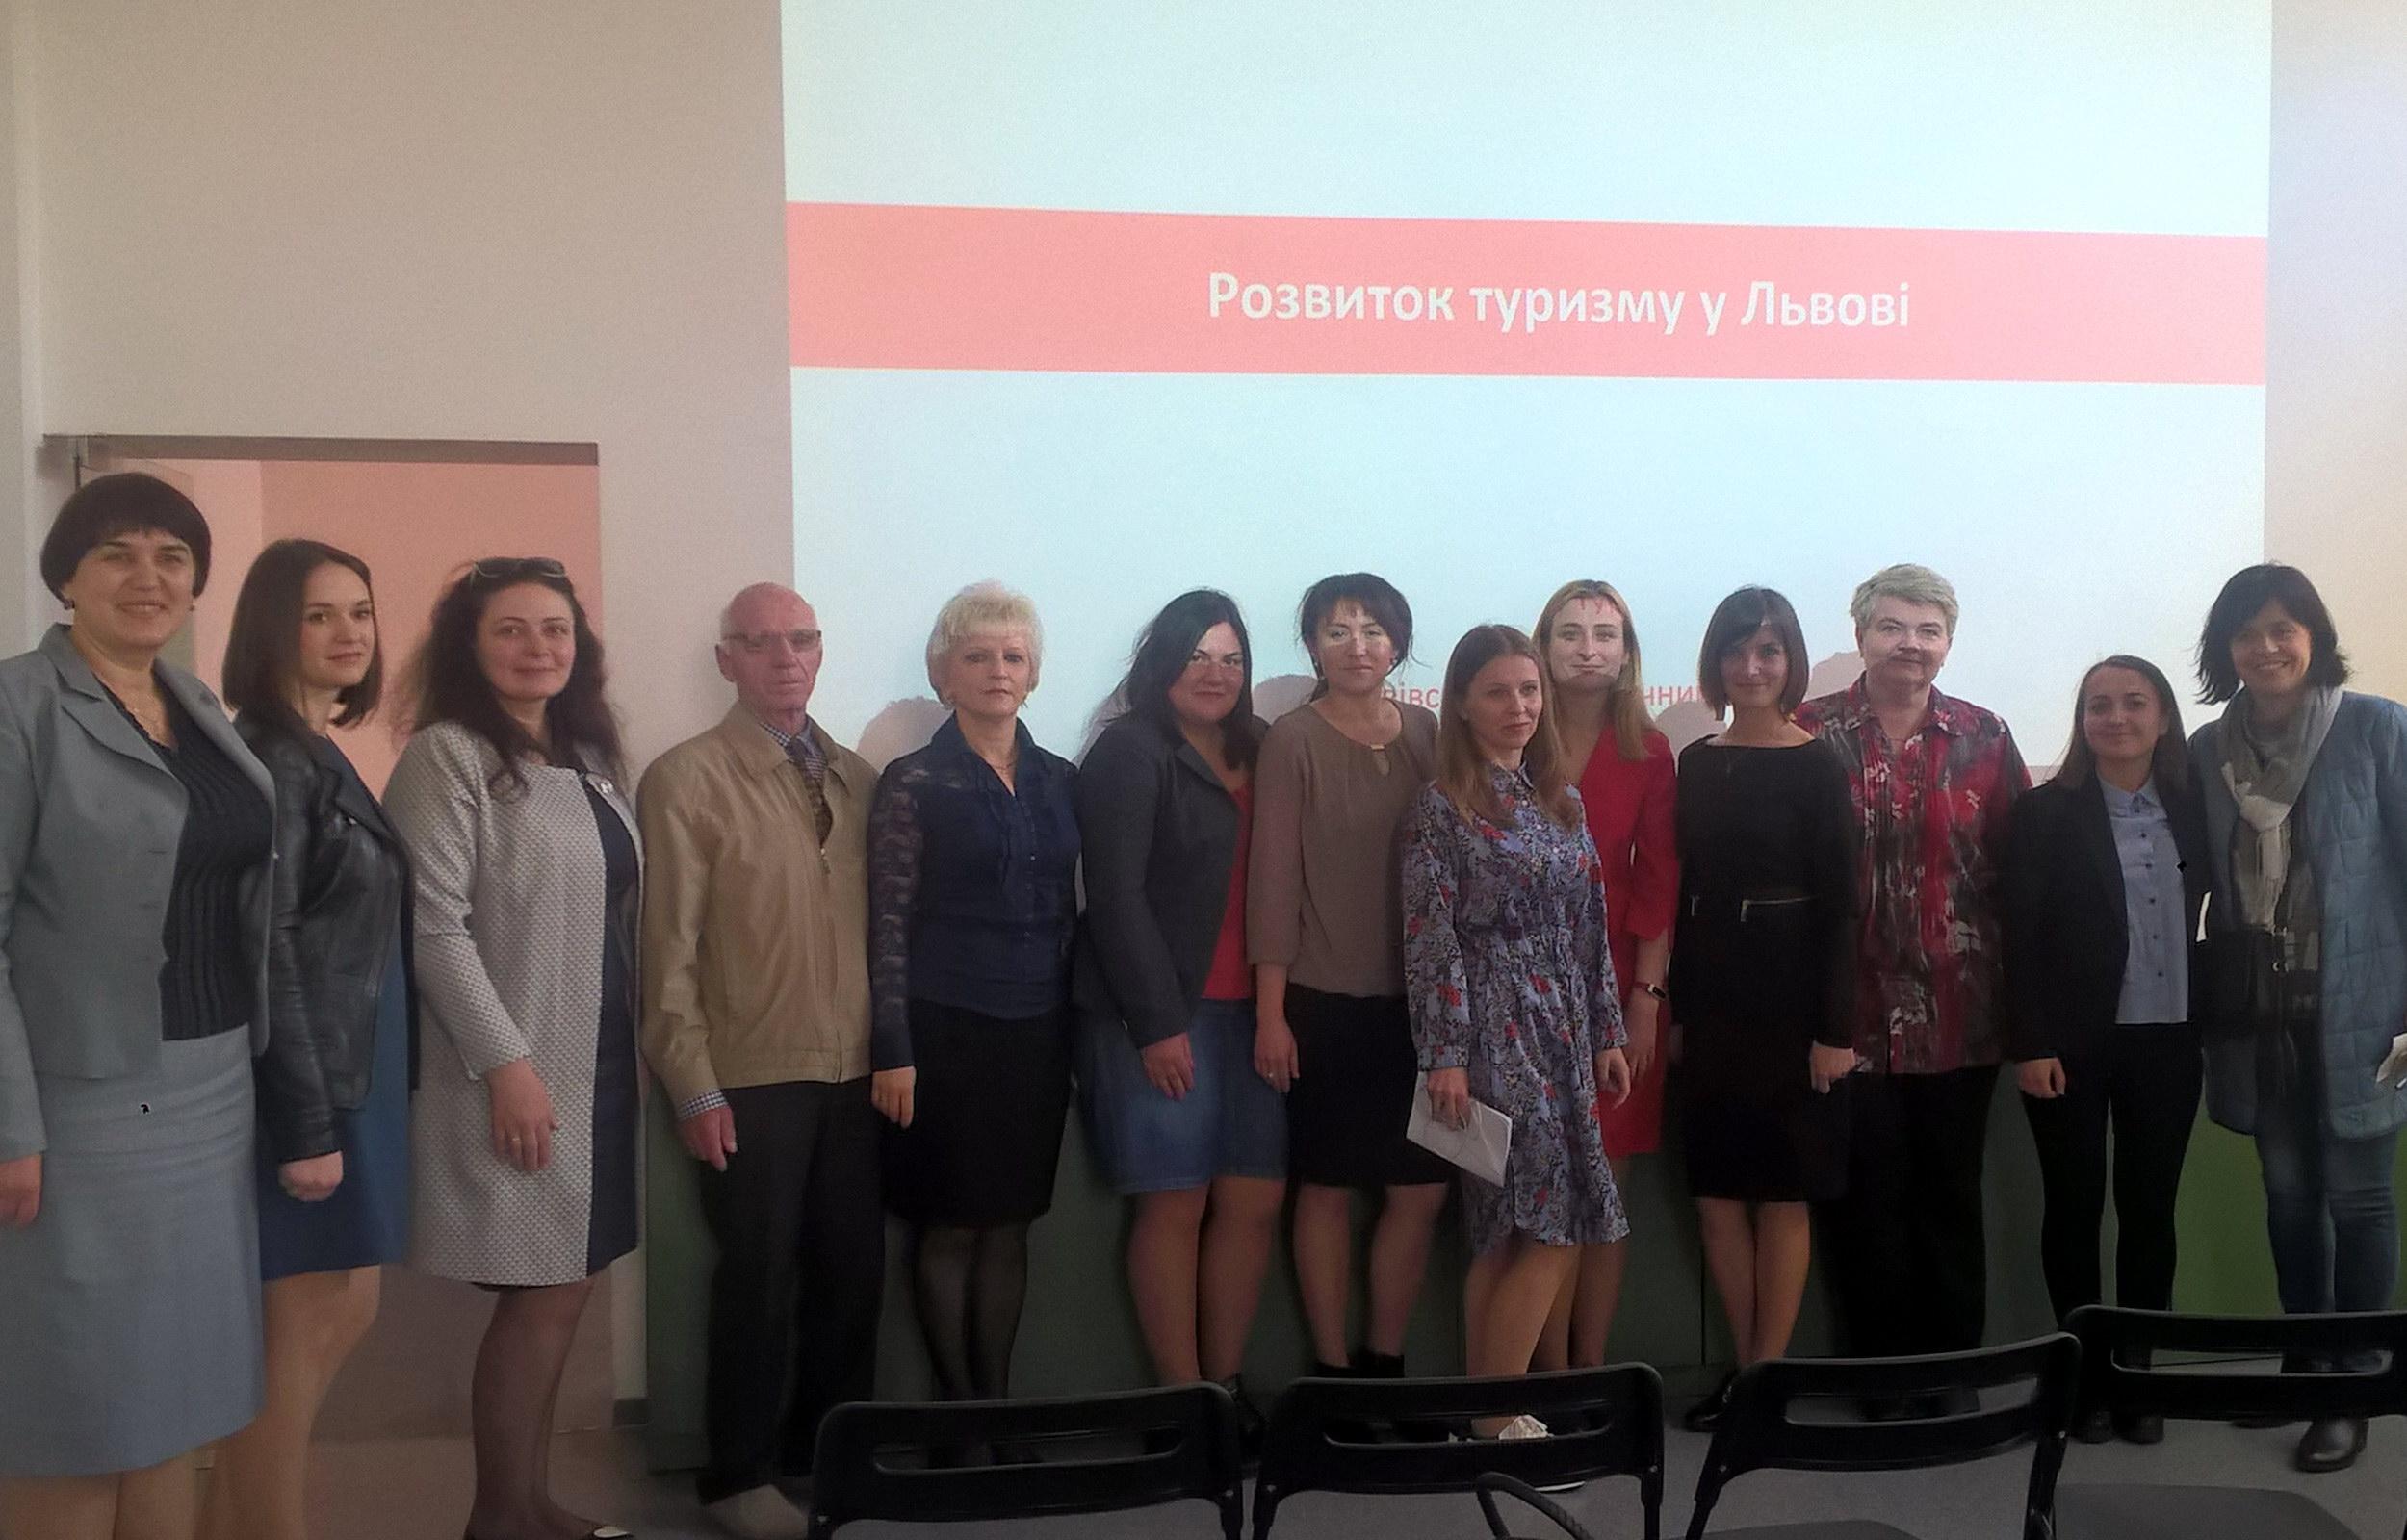 Участь в ознайомчій зустрічі з Львівським туристичним офісом